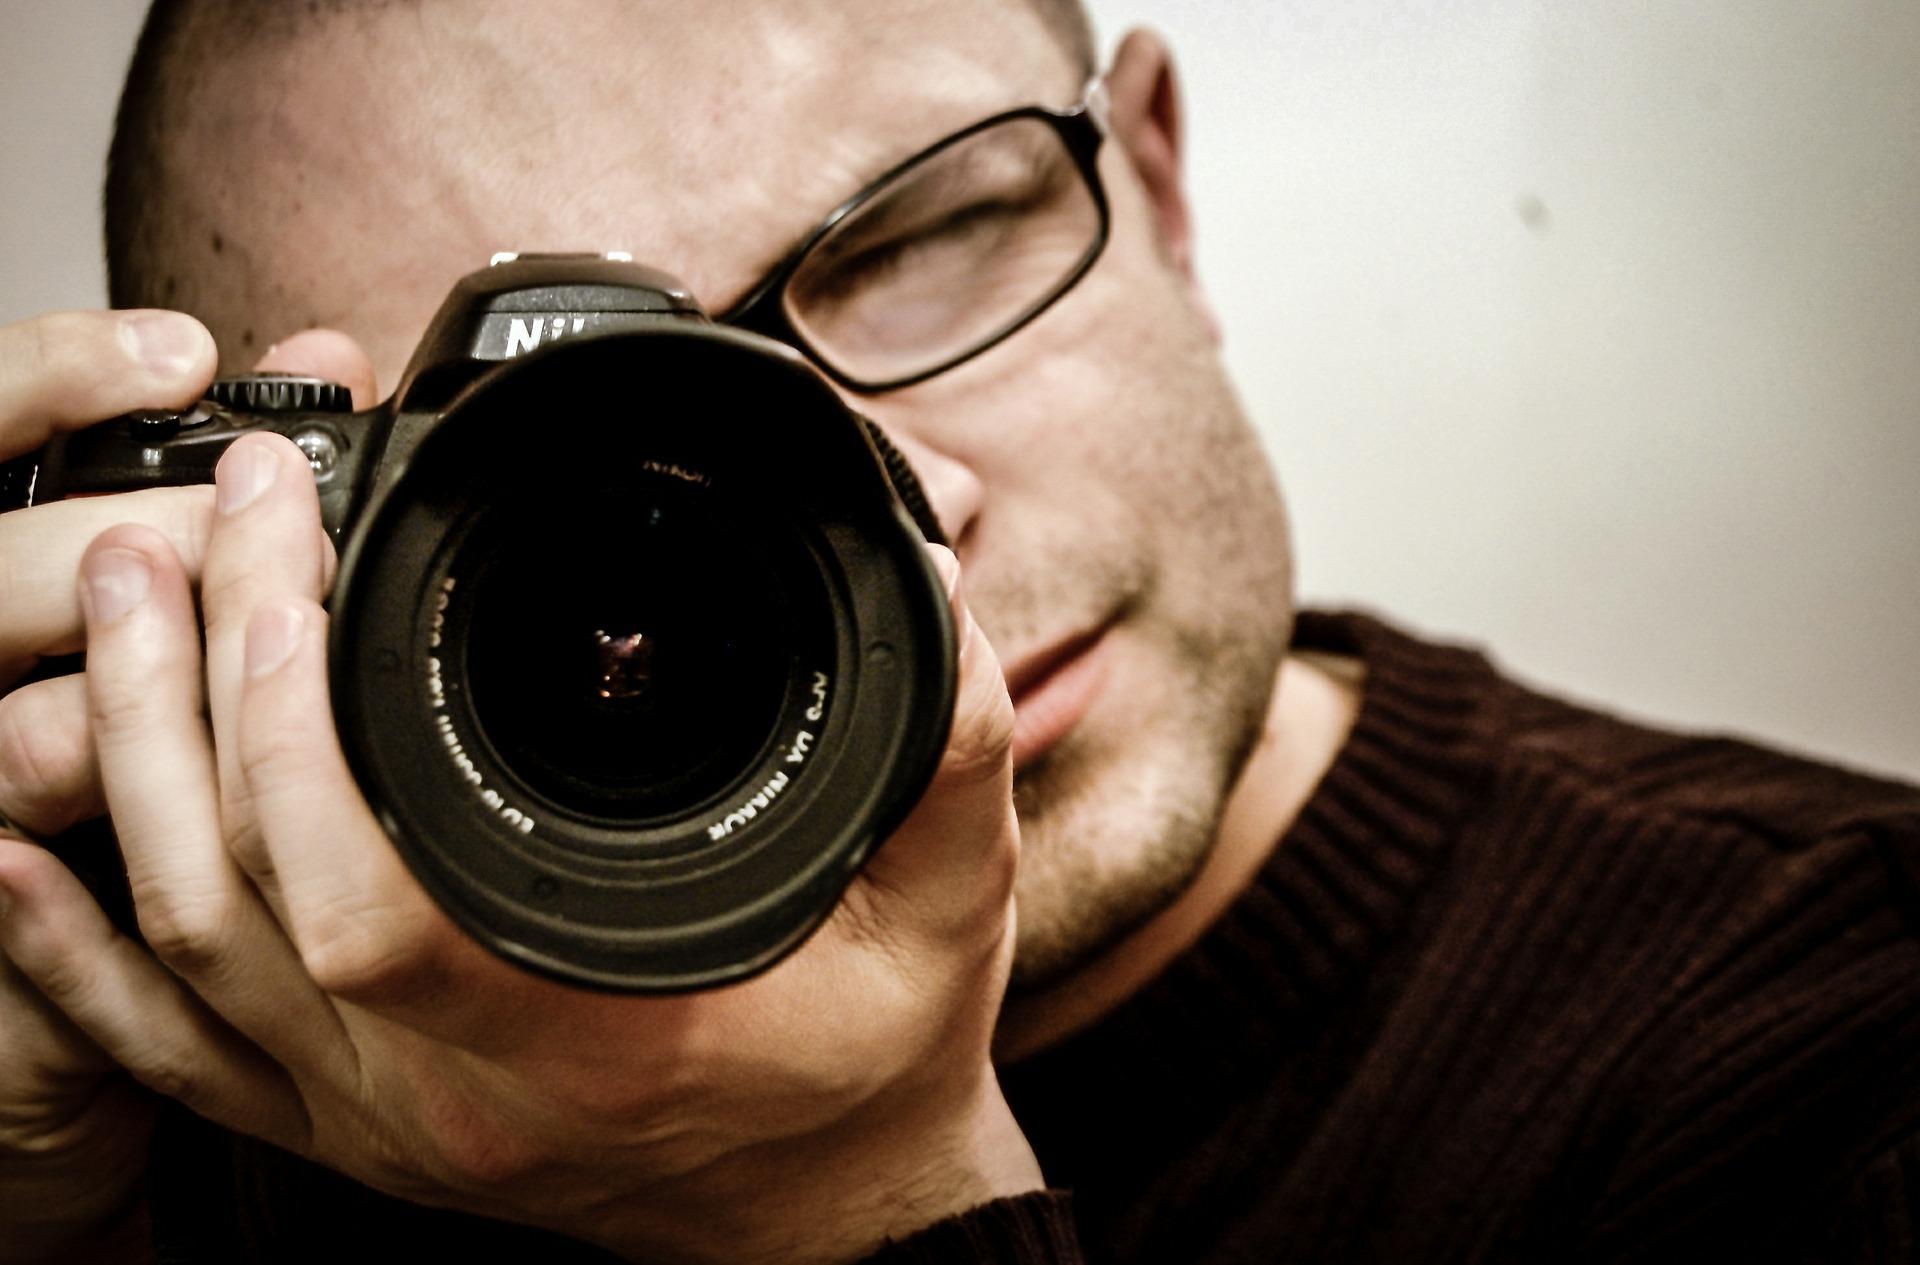 Photographe professionnel : comment se faire connaître et avoir une bonne réputation ?